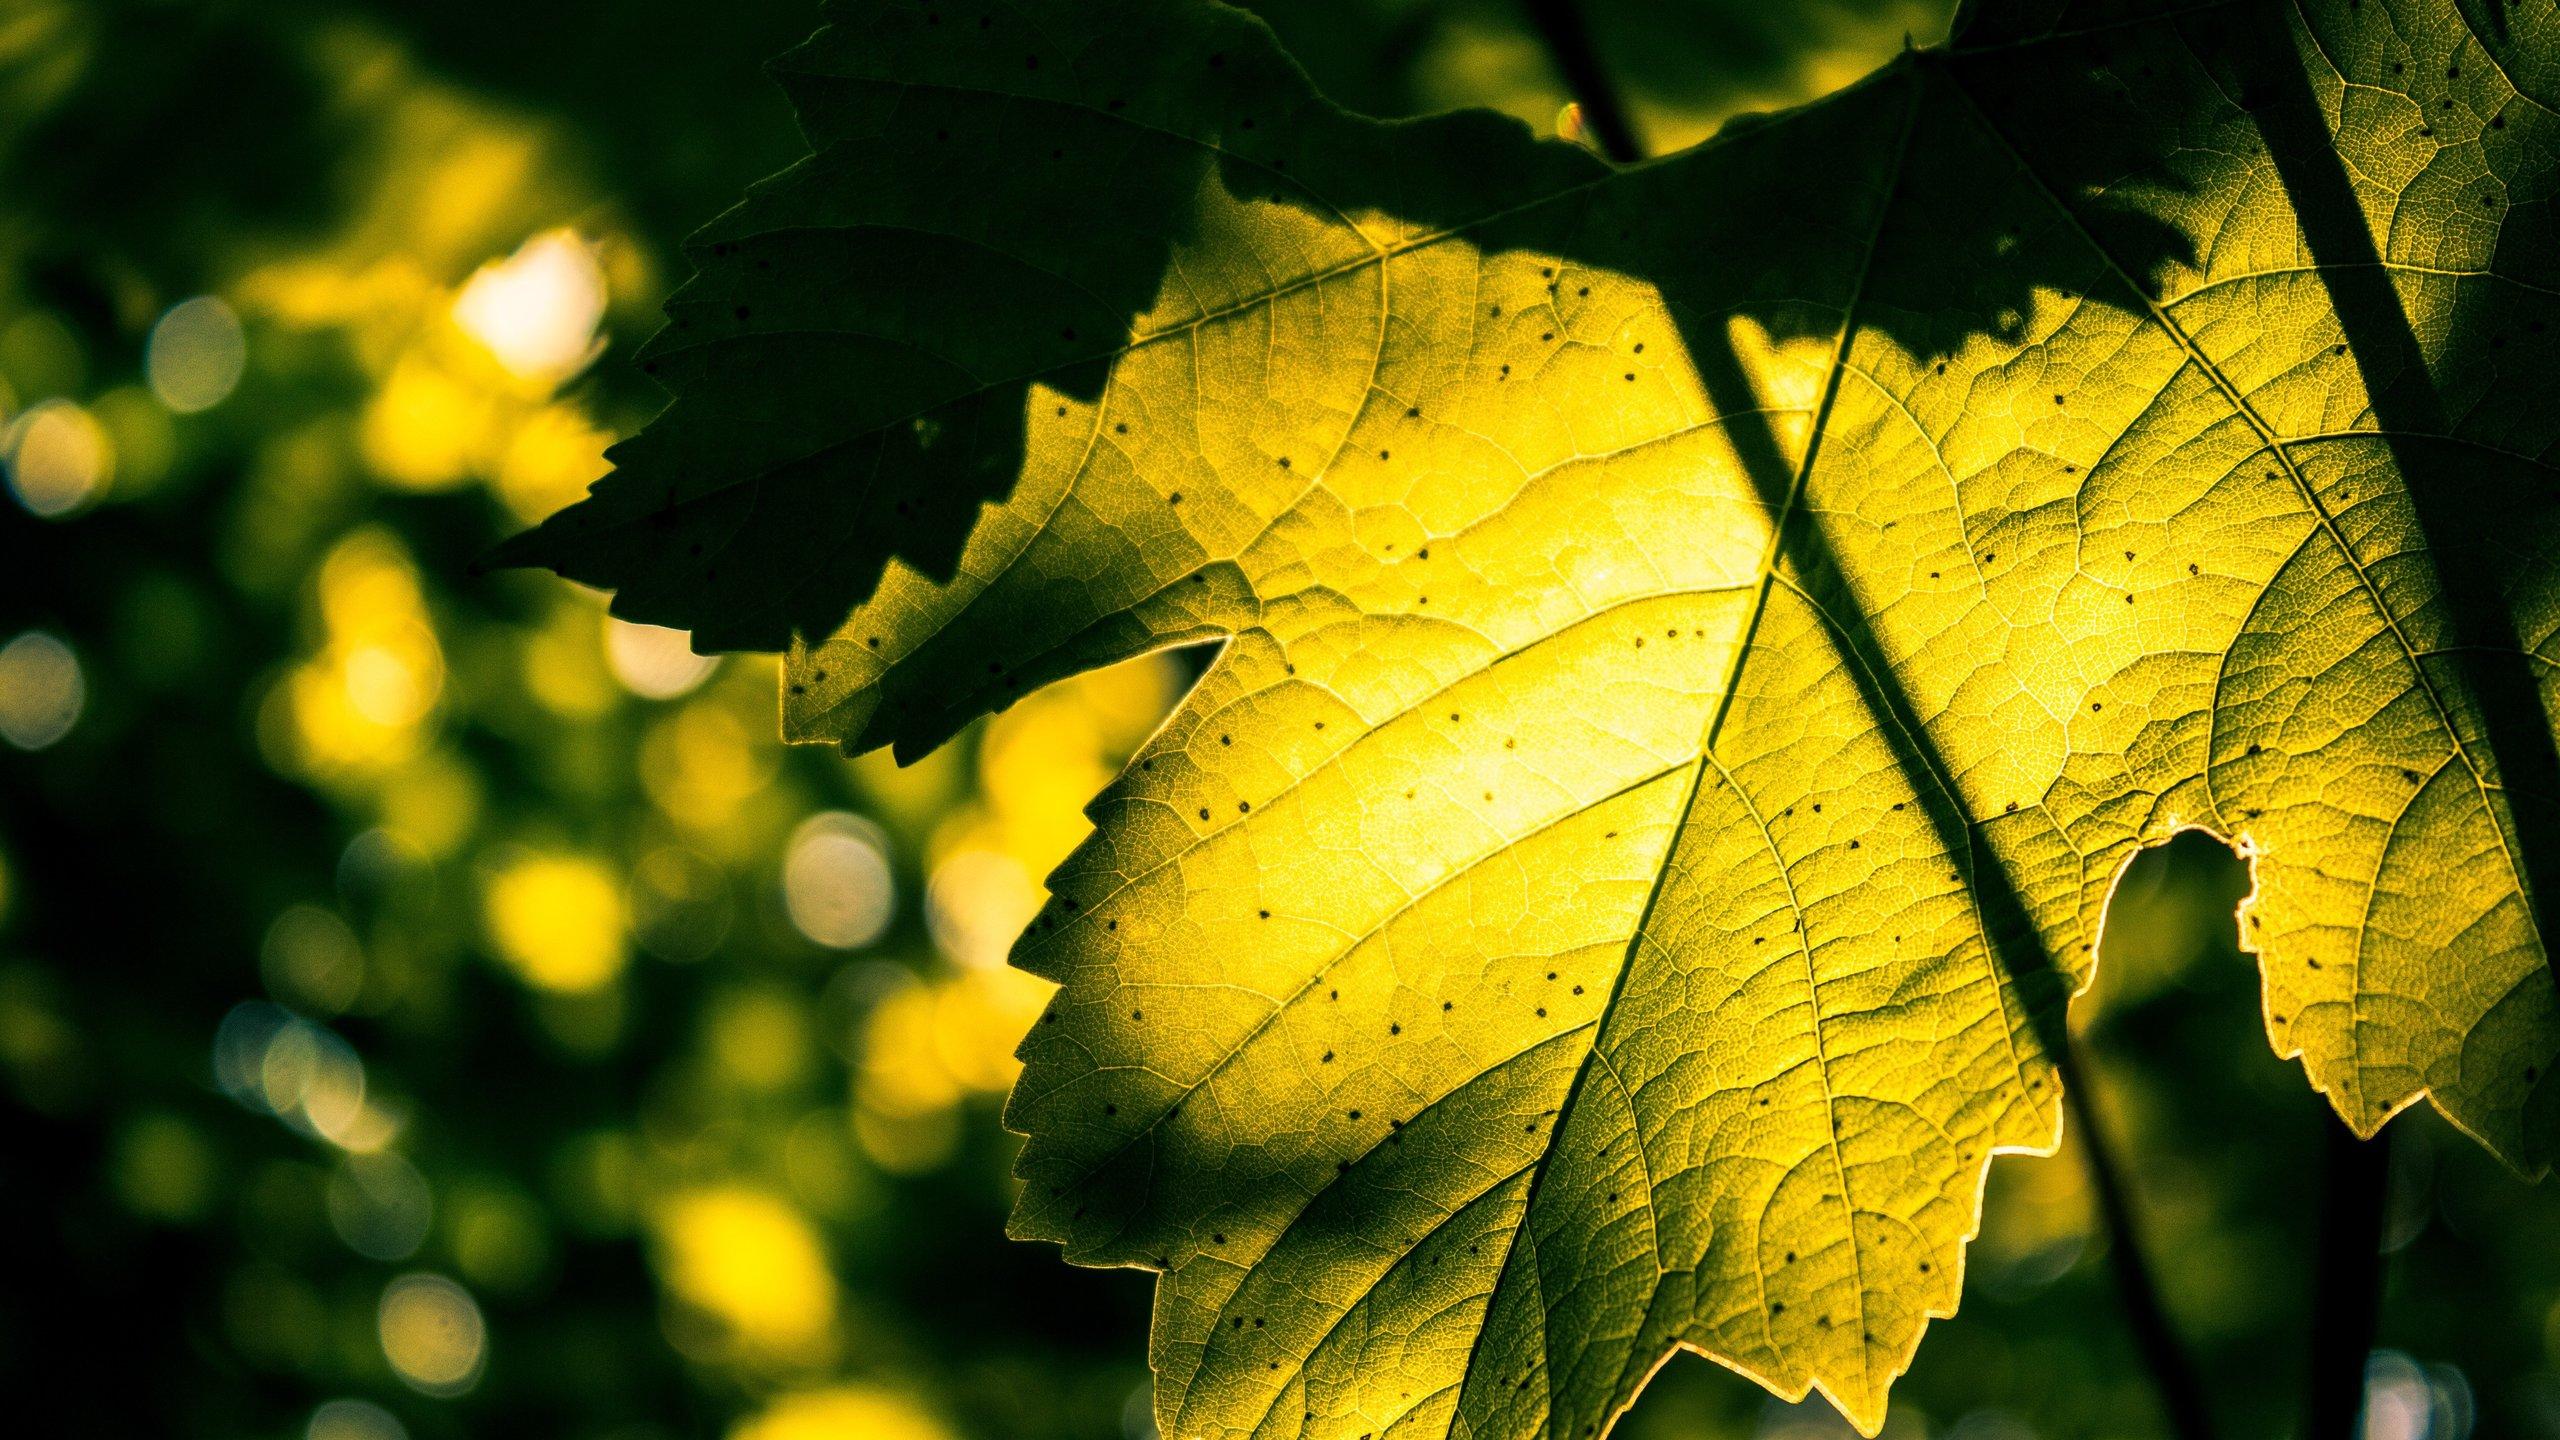 Hình nền lá cây phong đẹp nhất